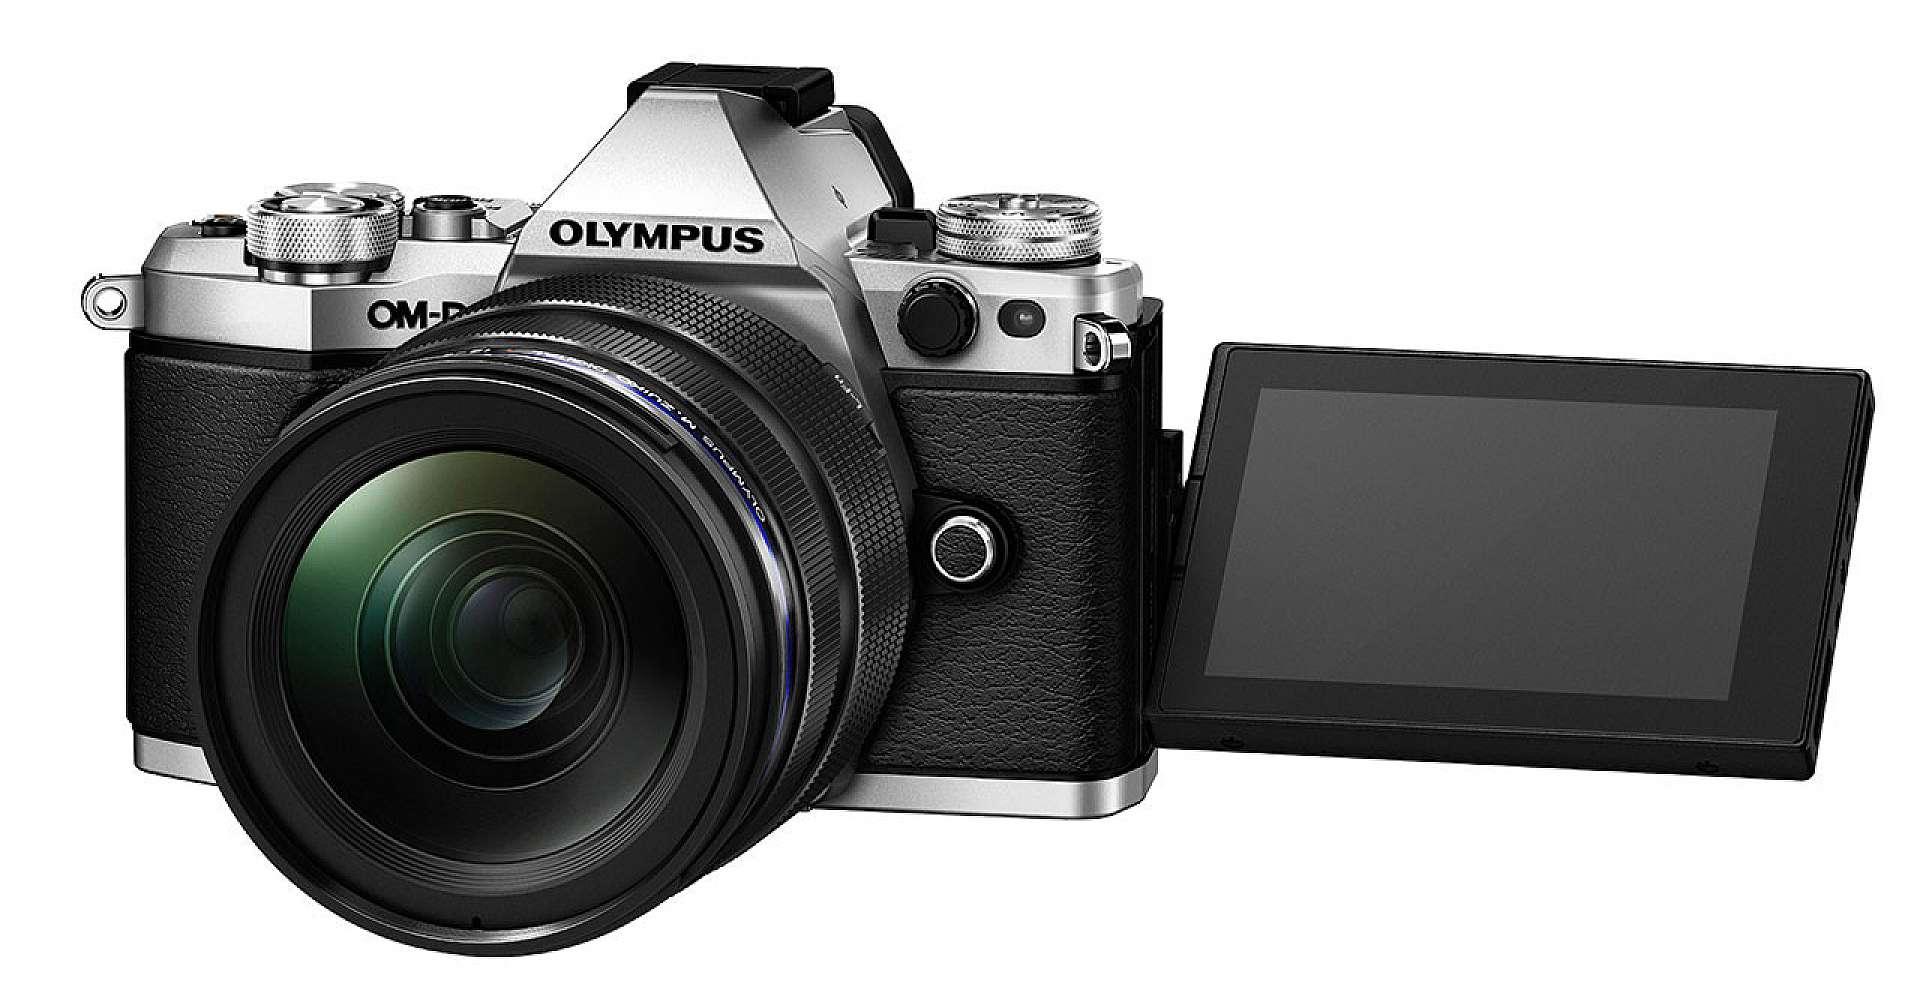 En kamera med vridbar pekskärm